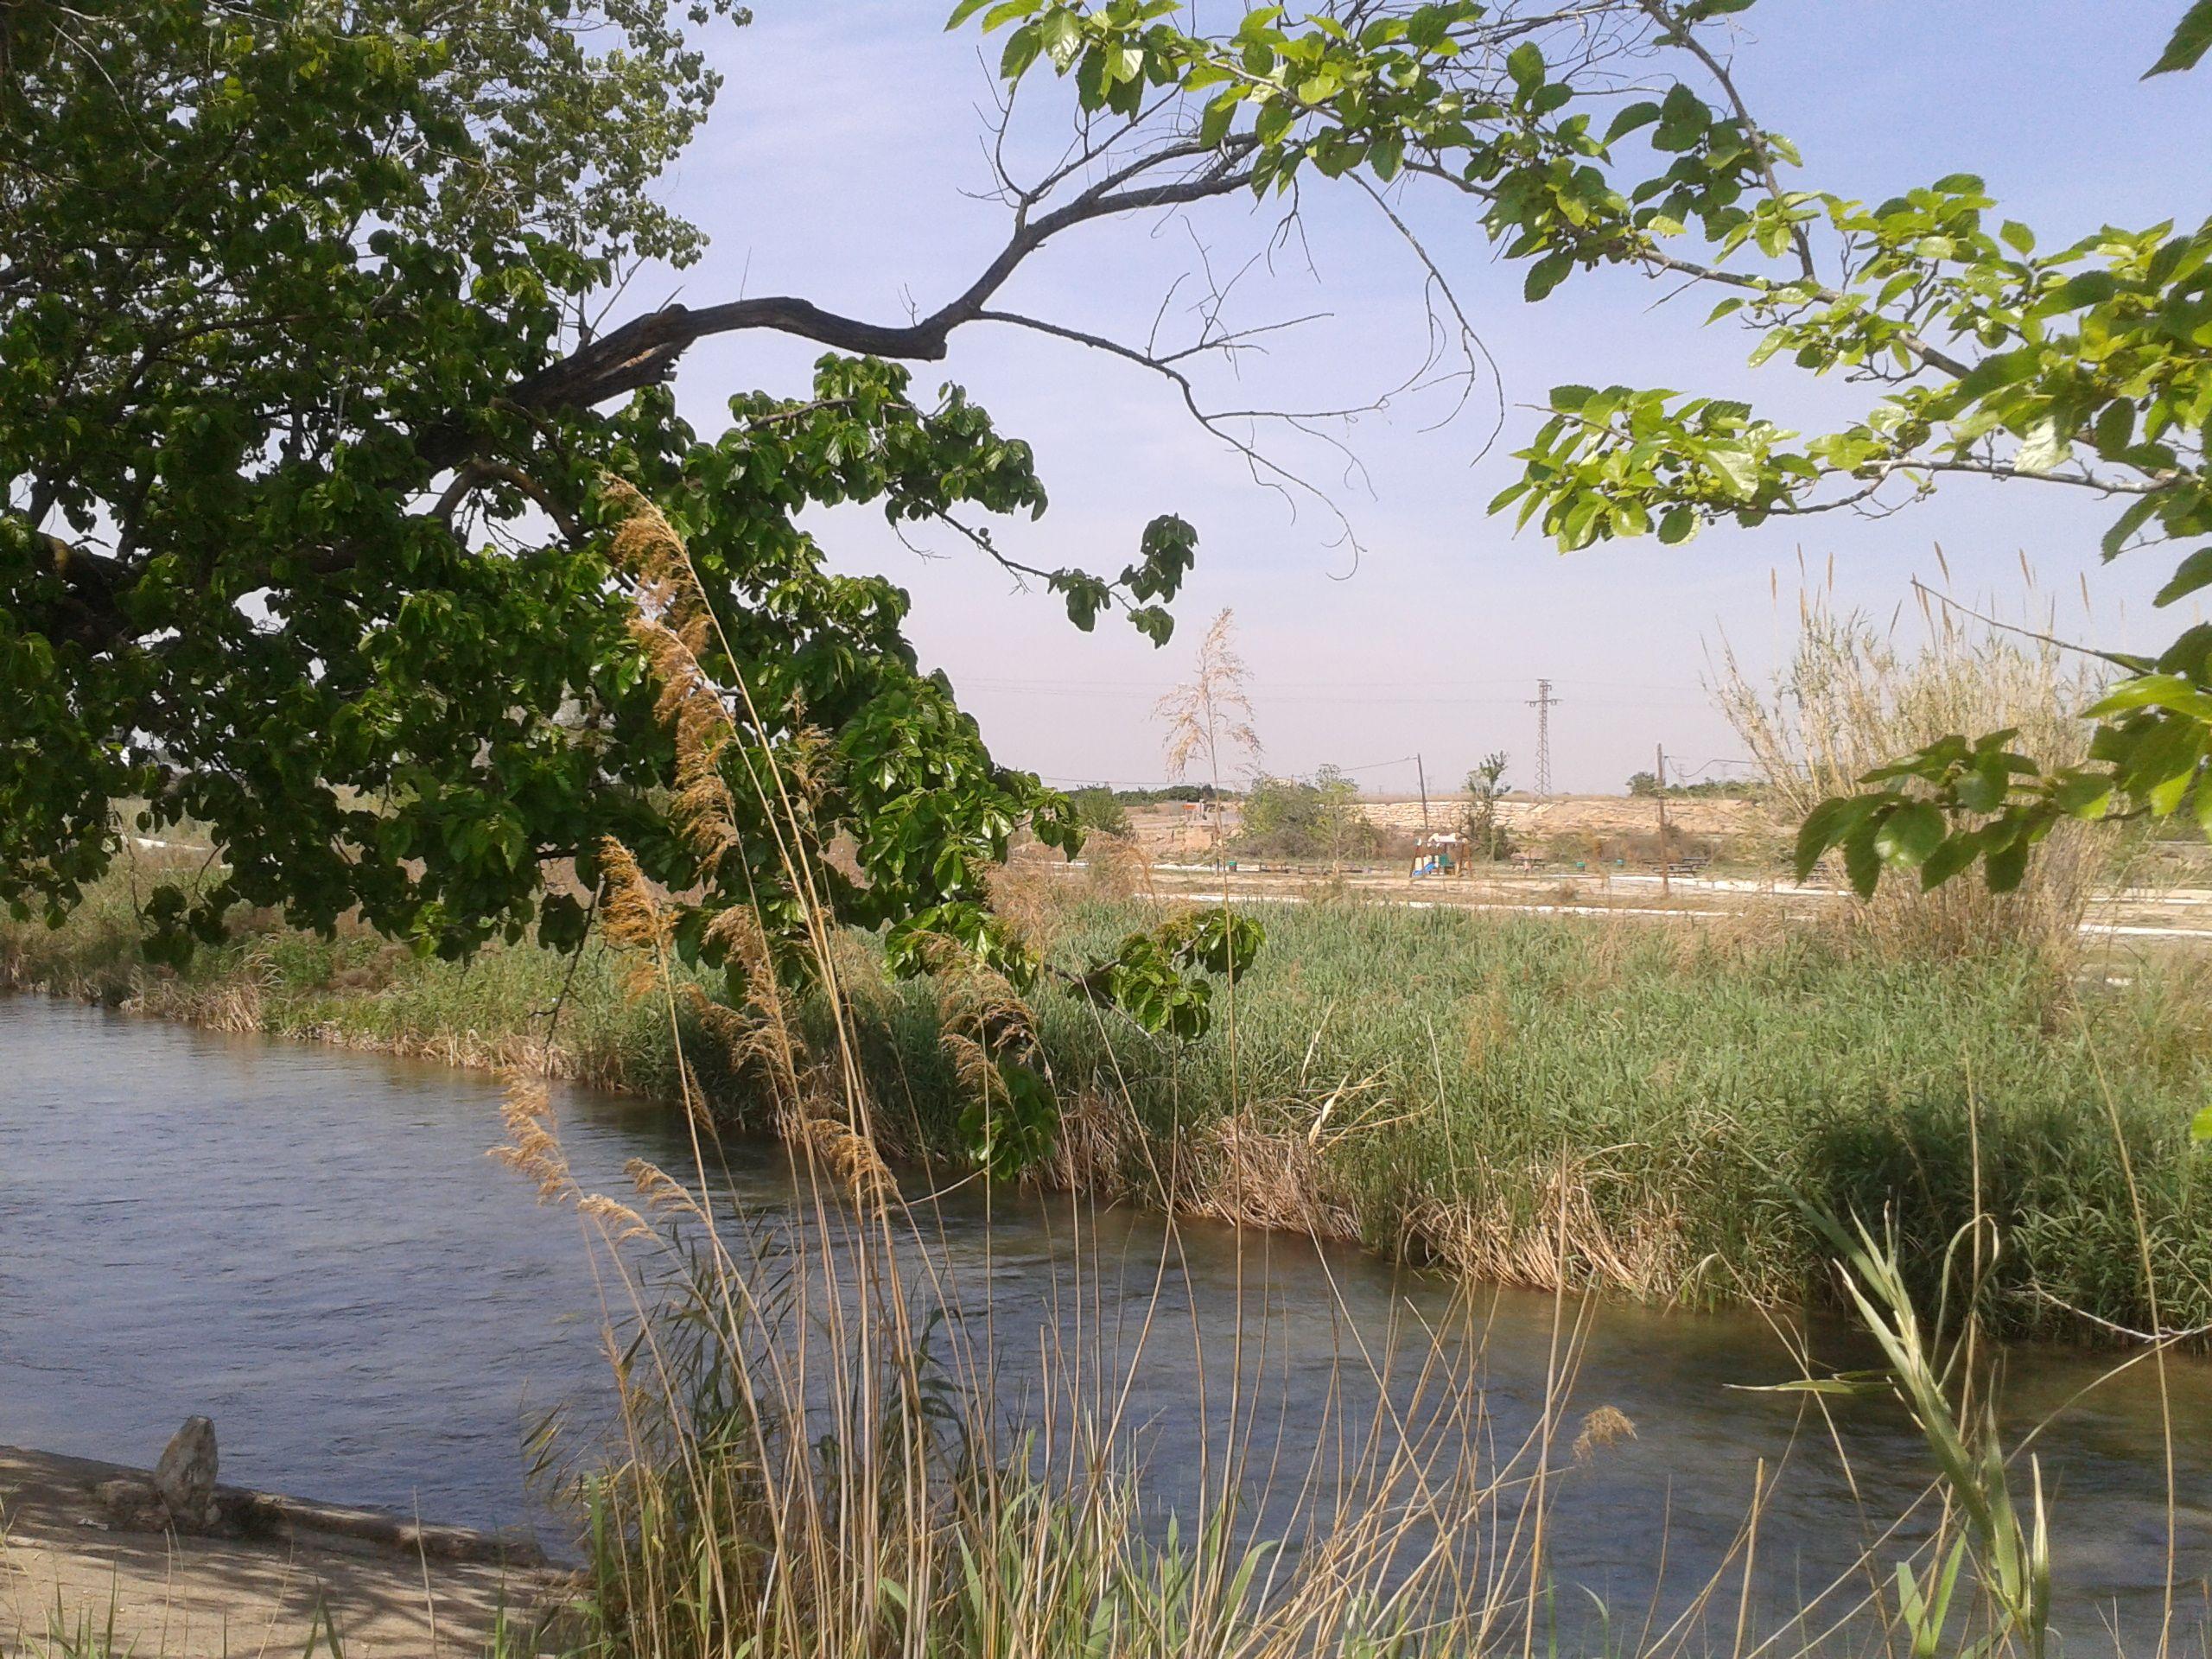 Un baño en el río para refrescarnos